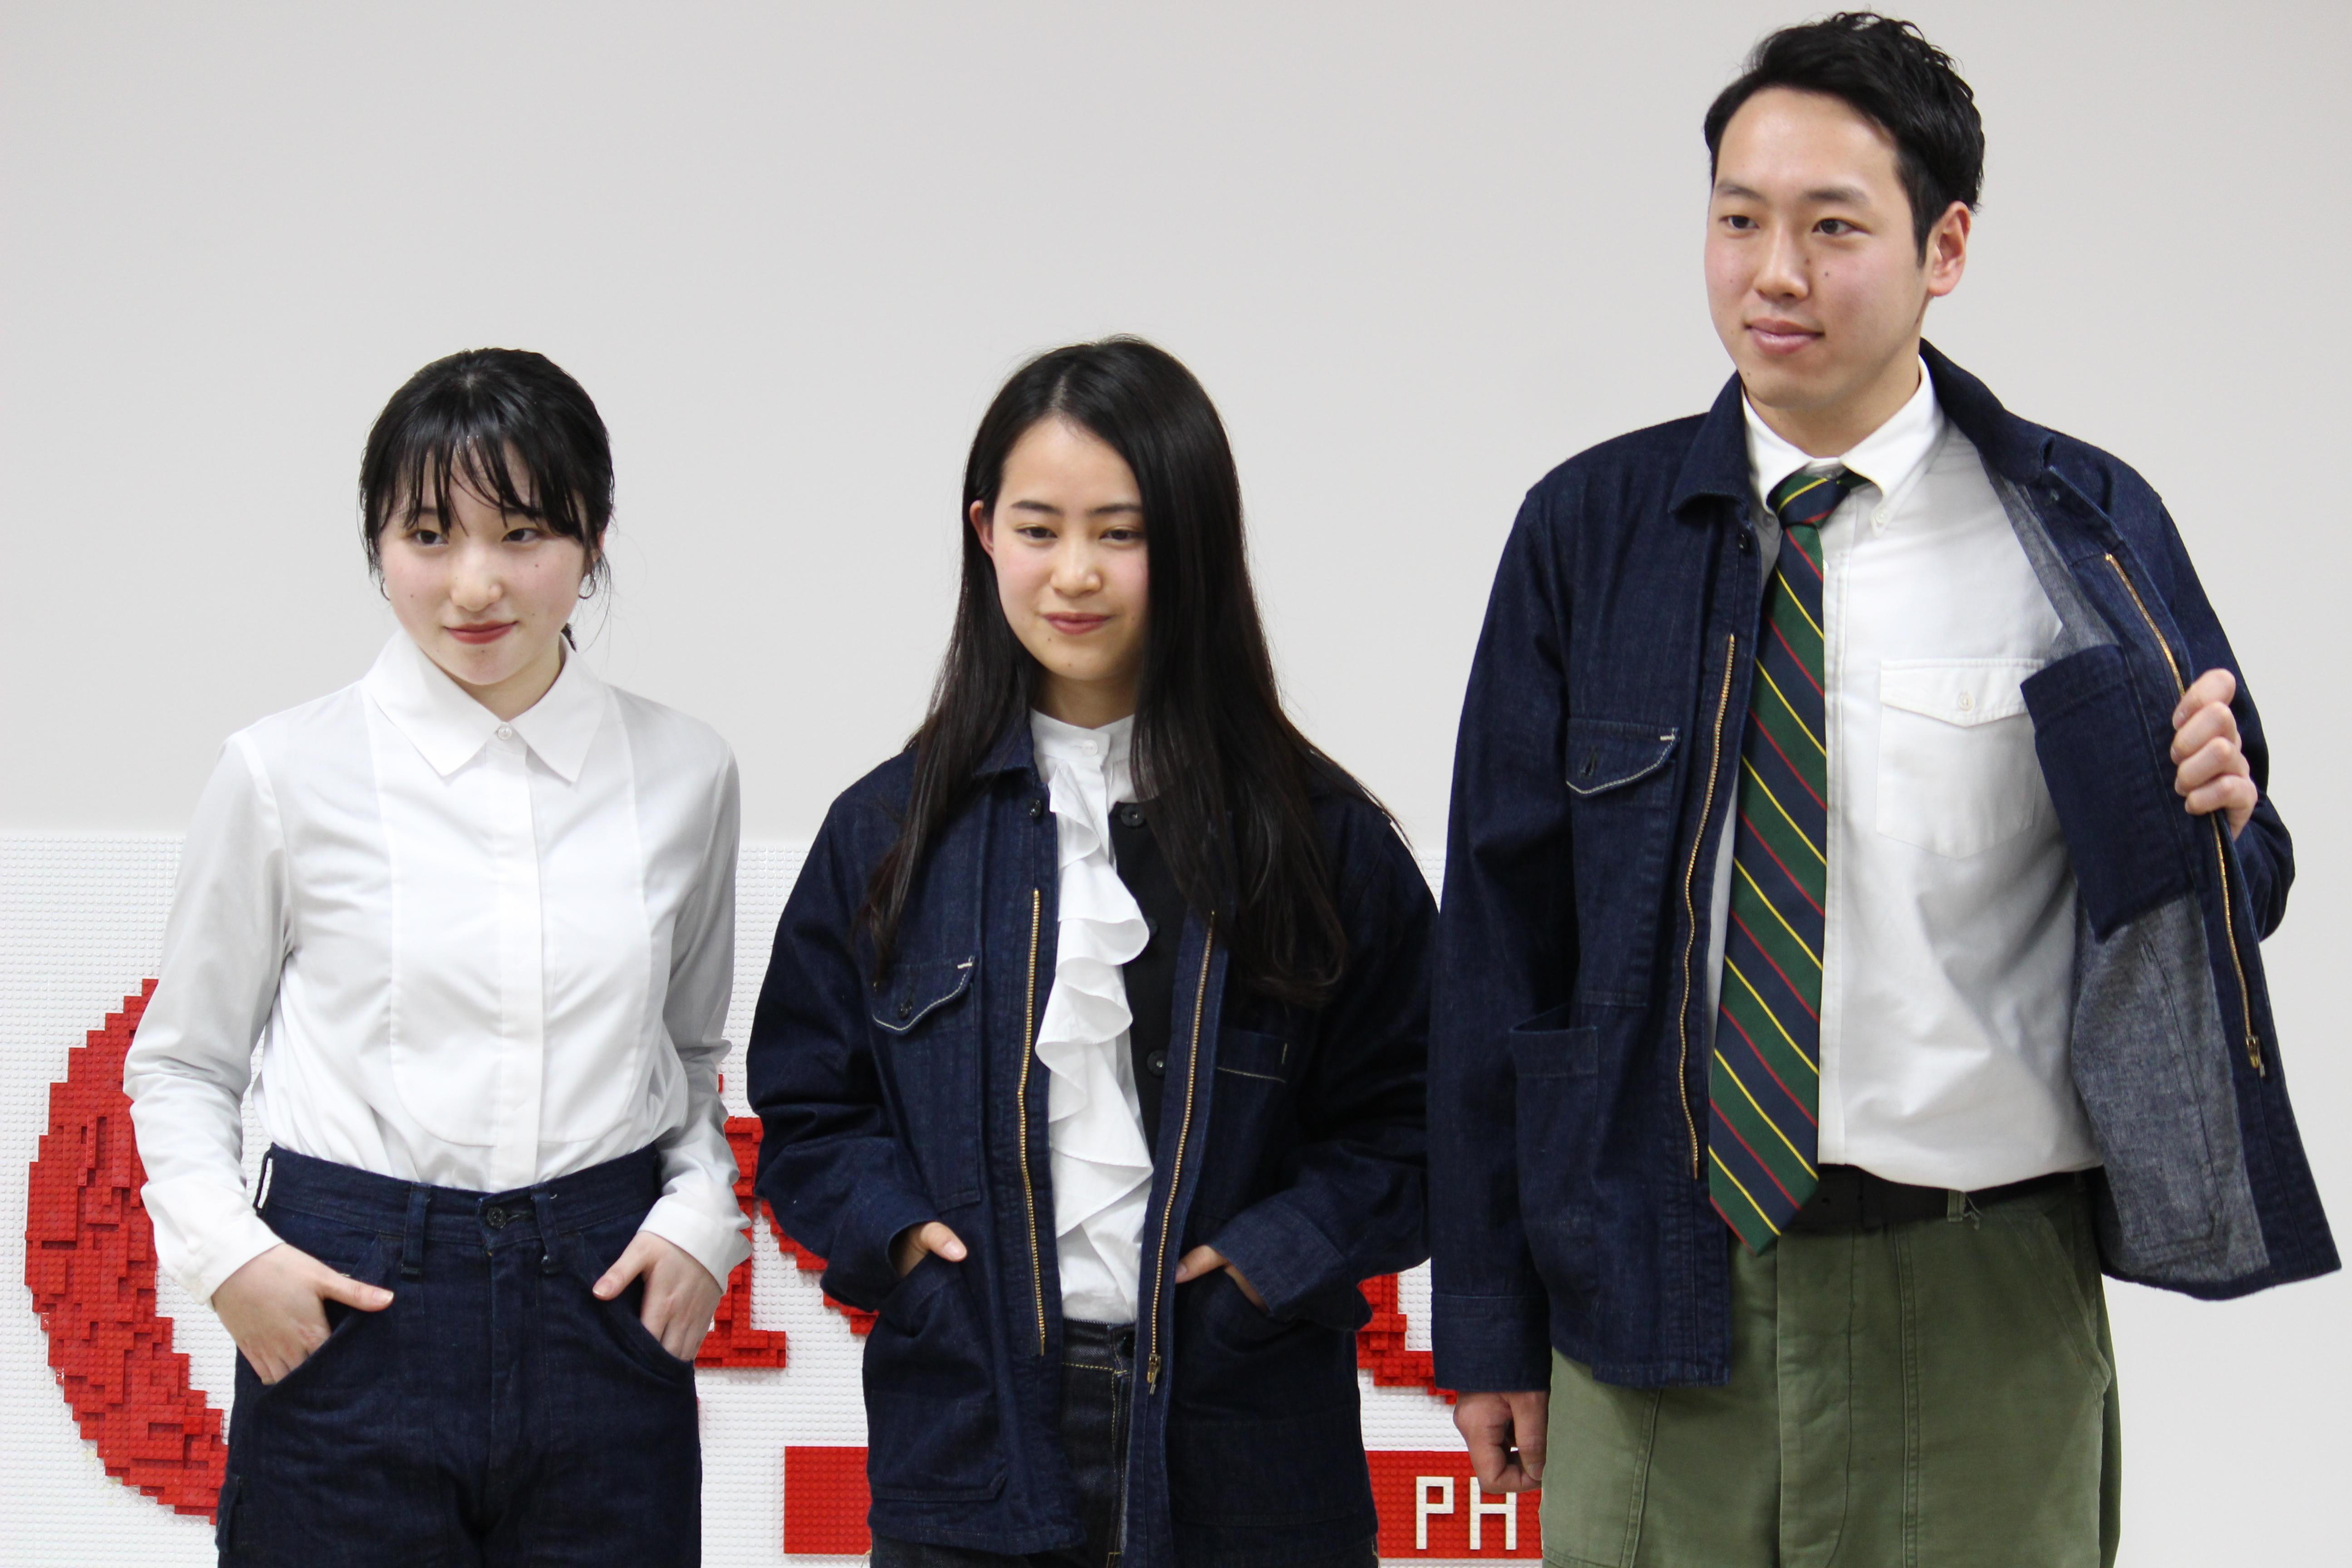 共立女子大学 家政学部 被服学科の学生が日本最古の国産デニムブランドおよび東京農業大学とコラボレーション -- 産学連携・大学間連携で農業活性化に向けた新たな農作業ウェアを開発 --